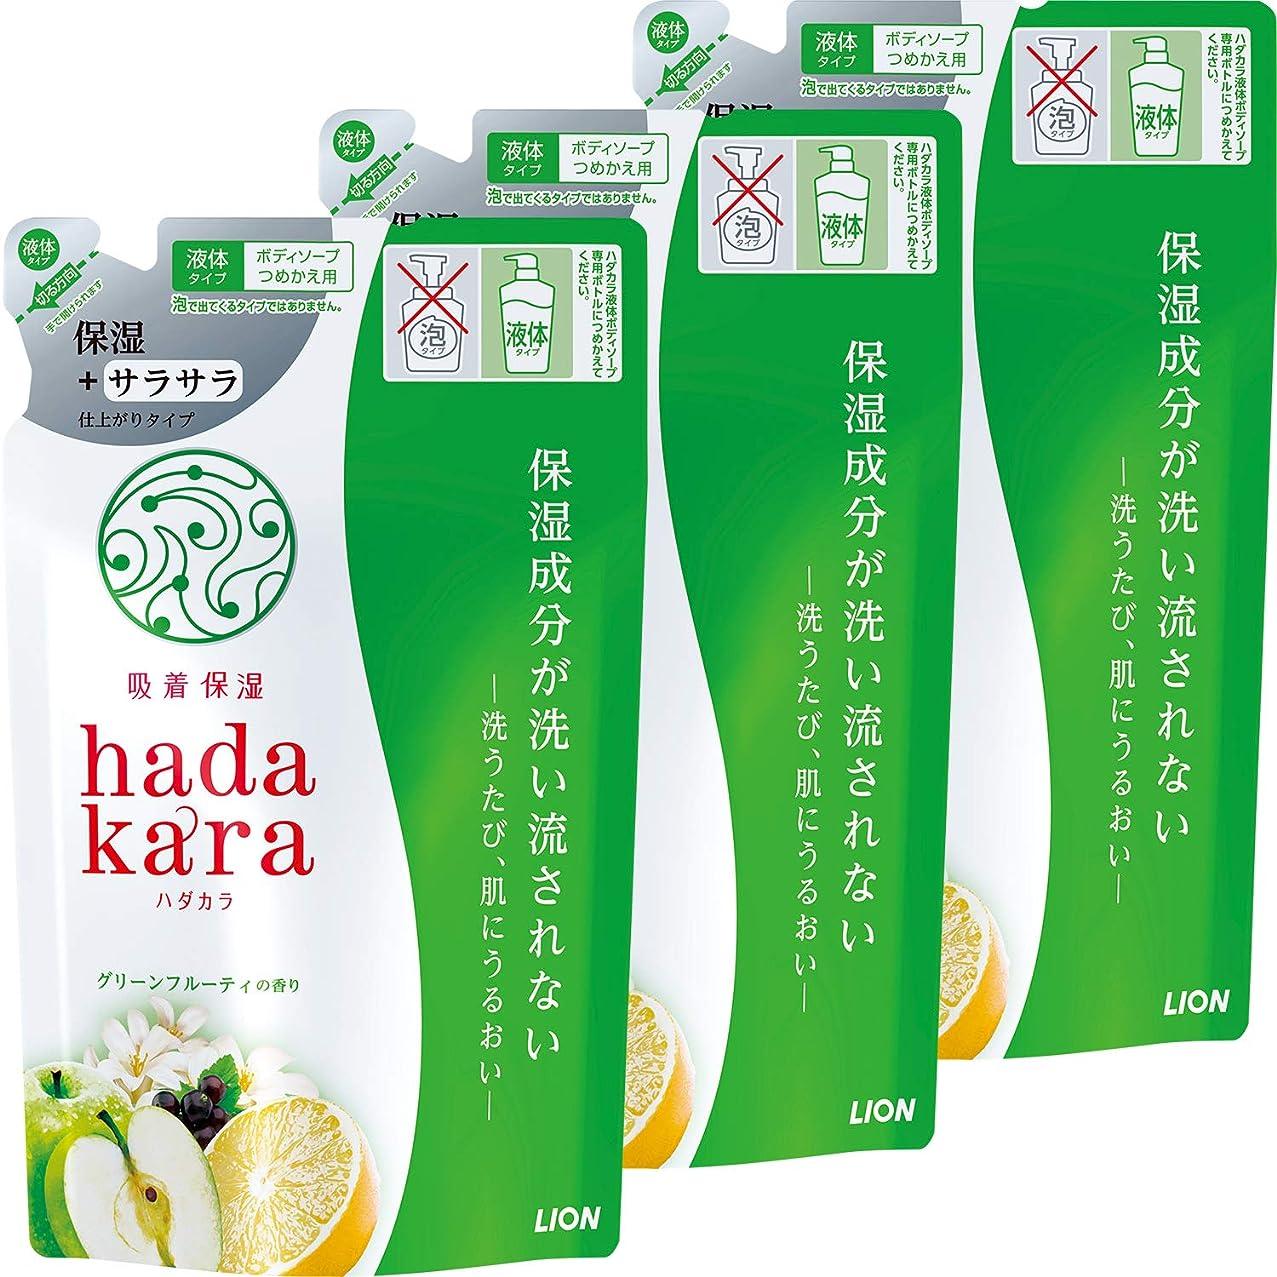 チャンピオンシップ兵器庫嫌い【まとめ買い】hadakara(ハダカラ)ボディソープ 保湿+サラサラ仕上がりタイプ グリーンフルーティの香り つめかえ用 340ml×3個